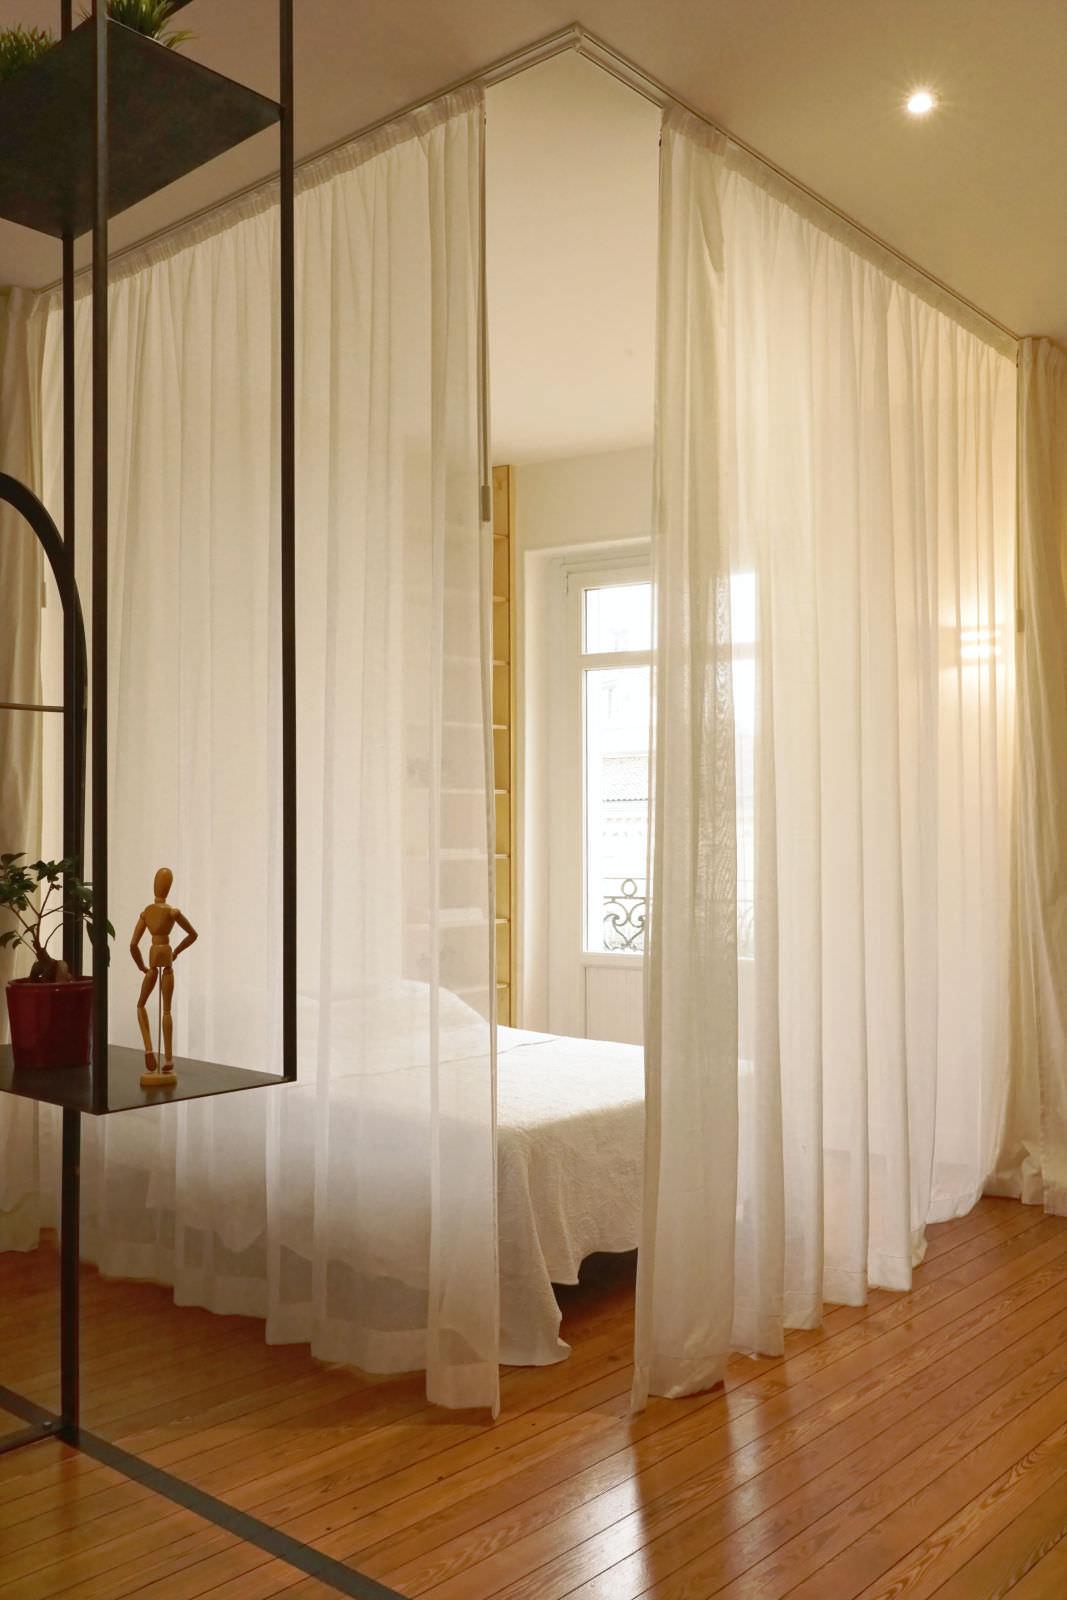 Chambre - Architecture d'intérieur - Thierry Pousset - Photographe professionnel